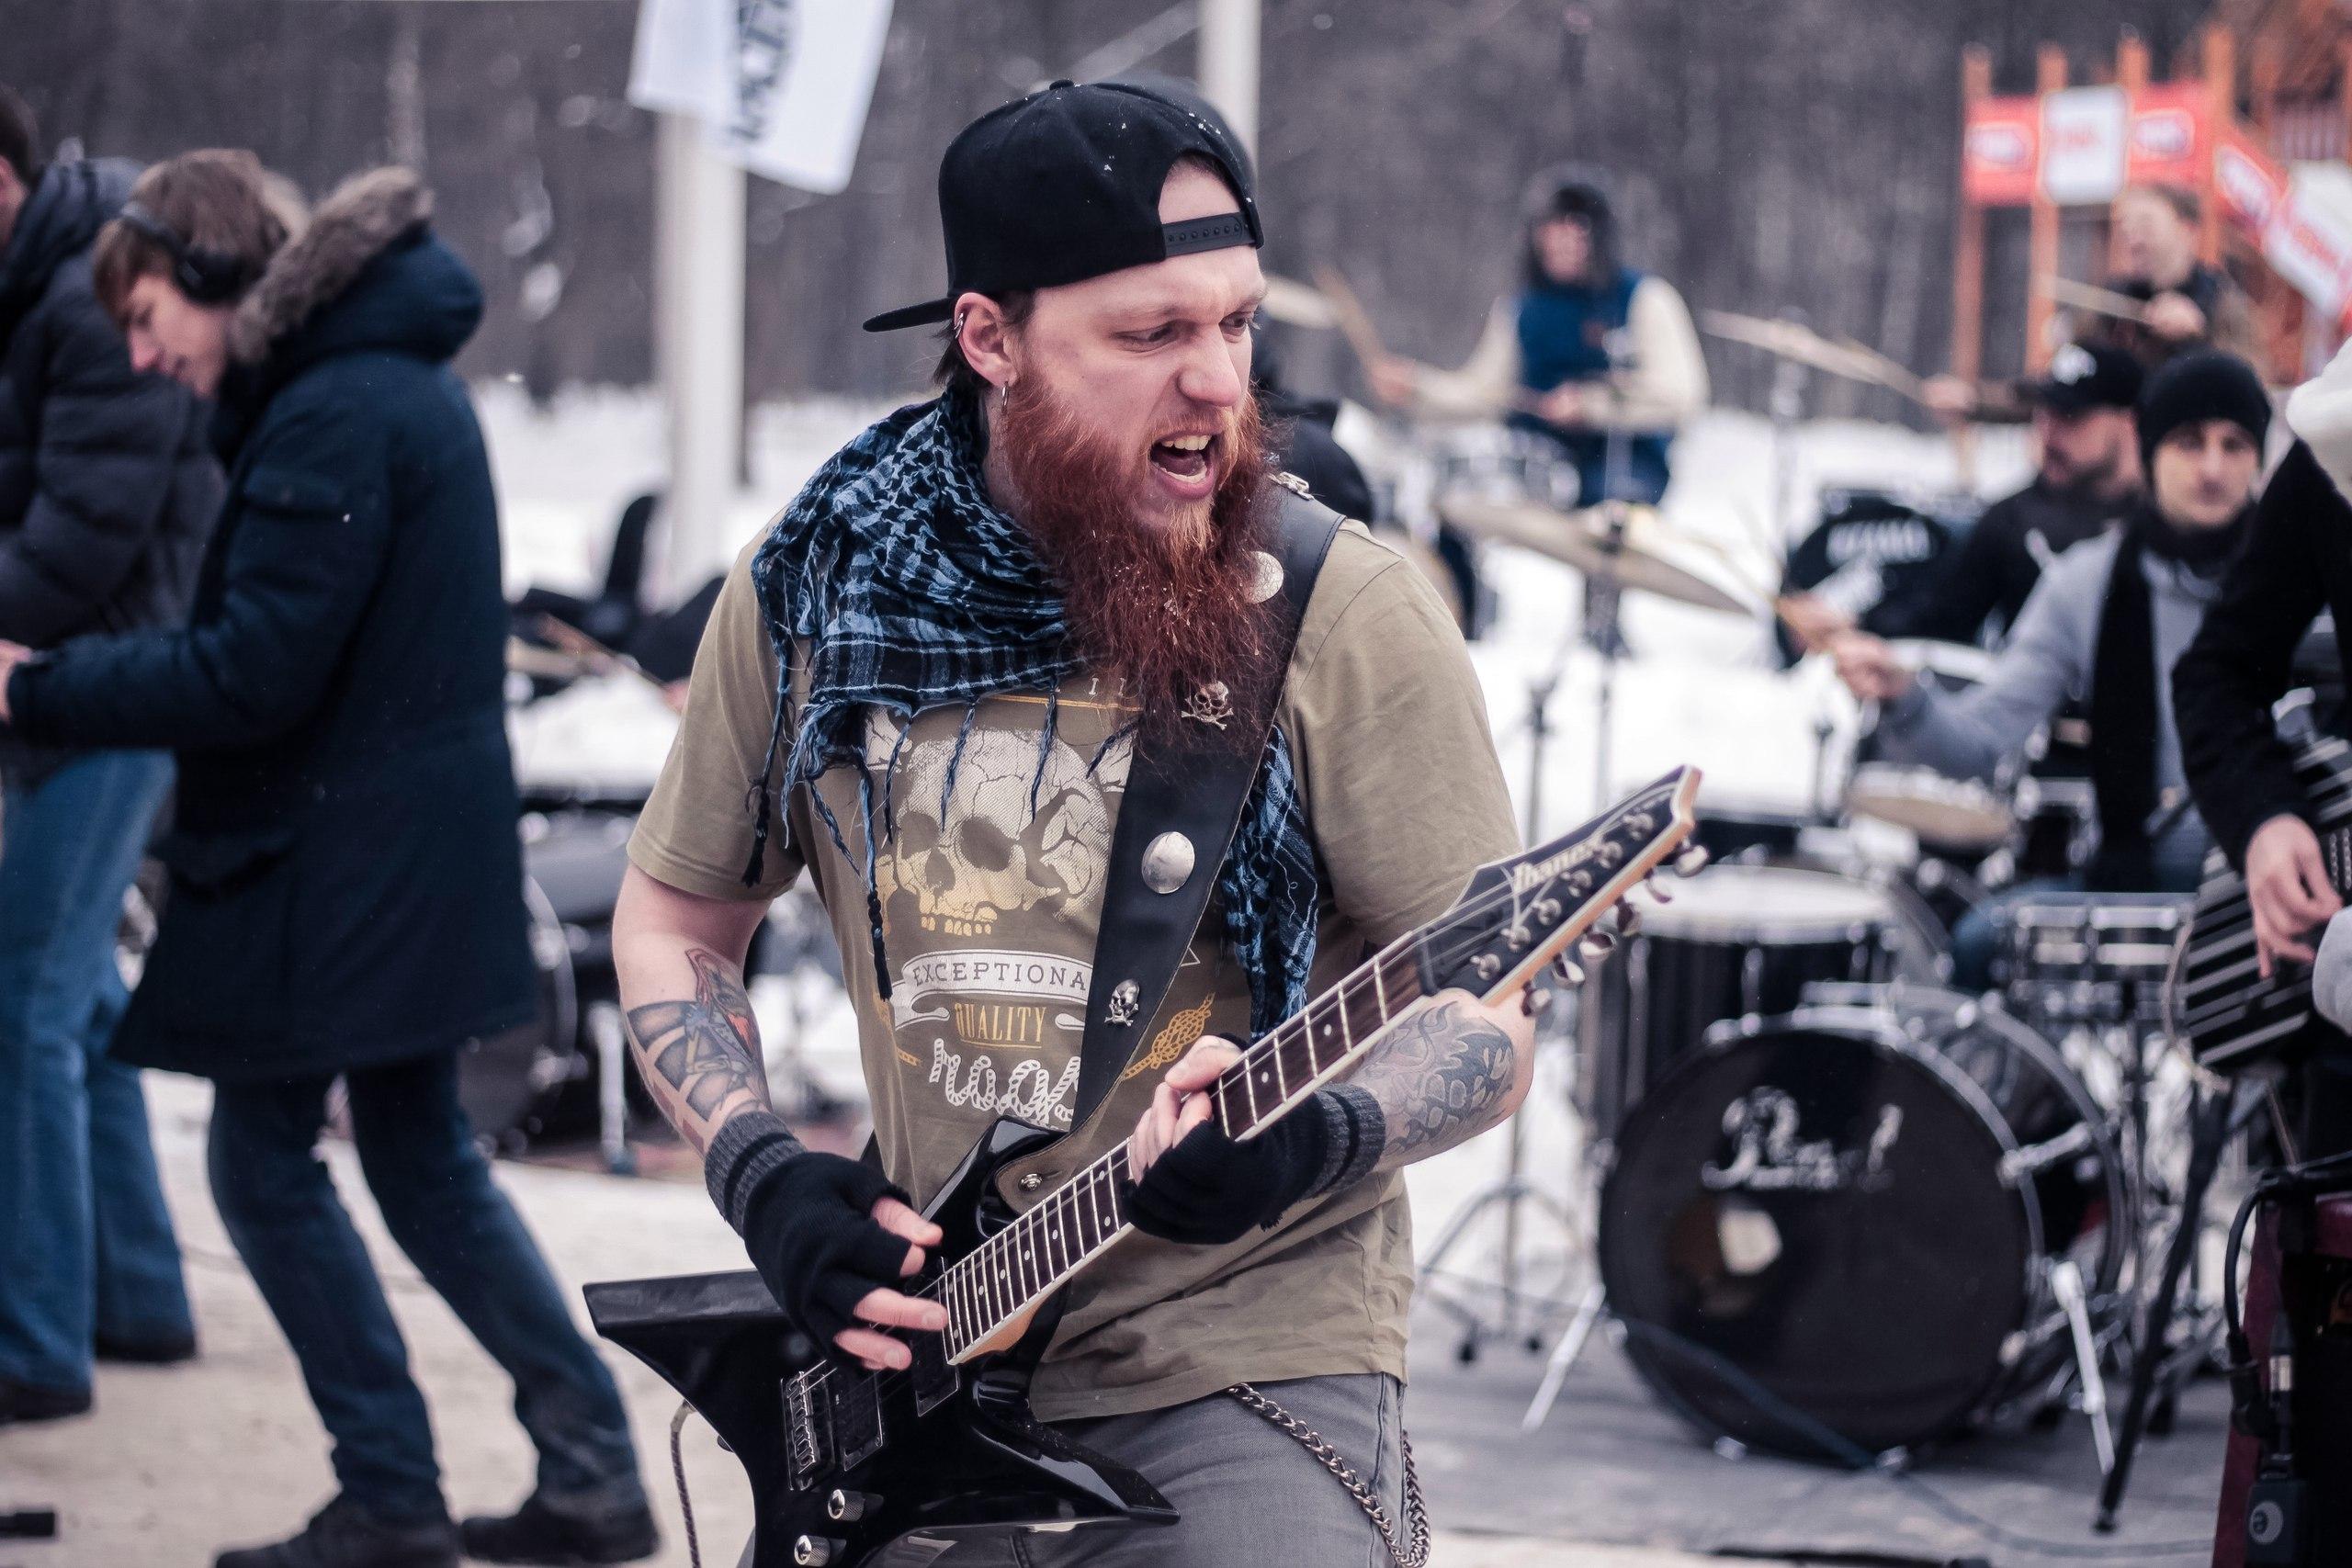 Фото из официального сообщества RocknMob